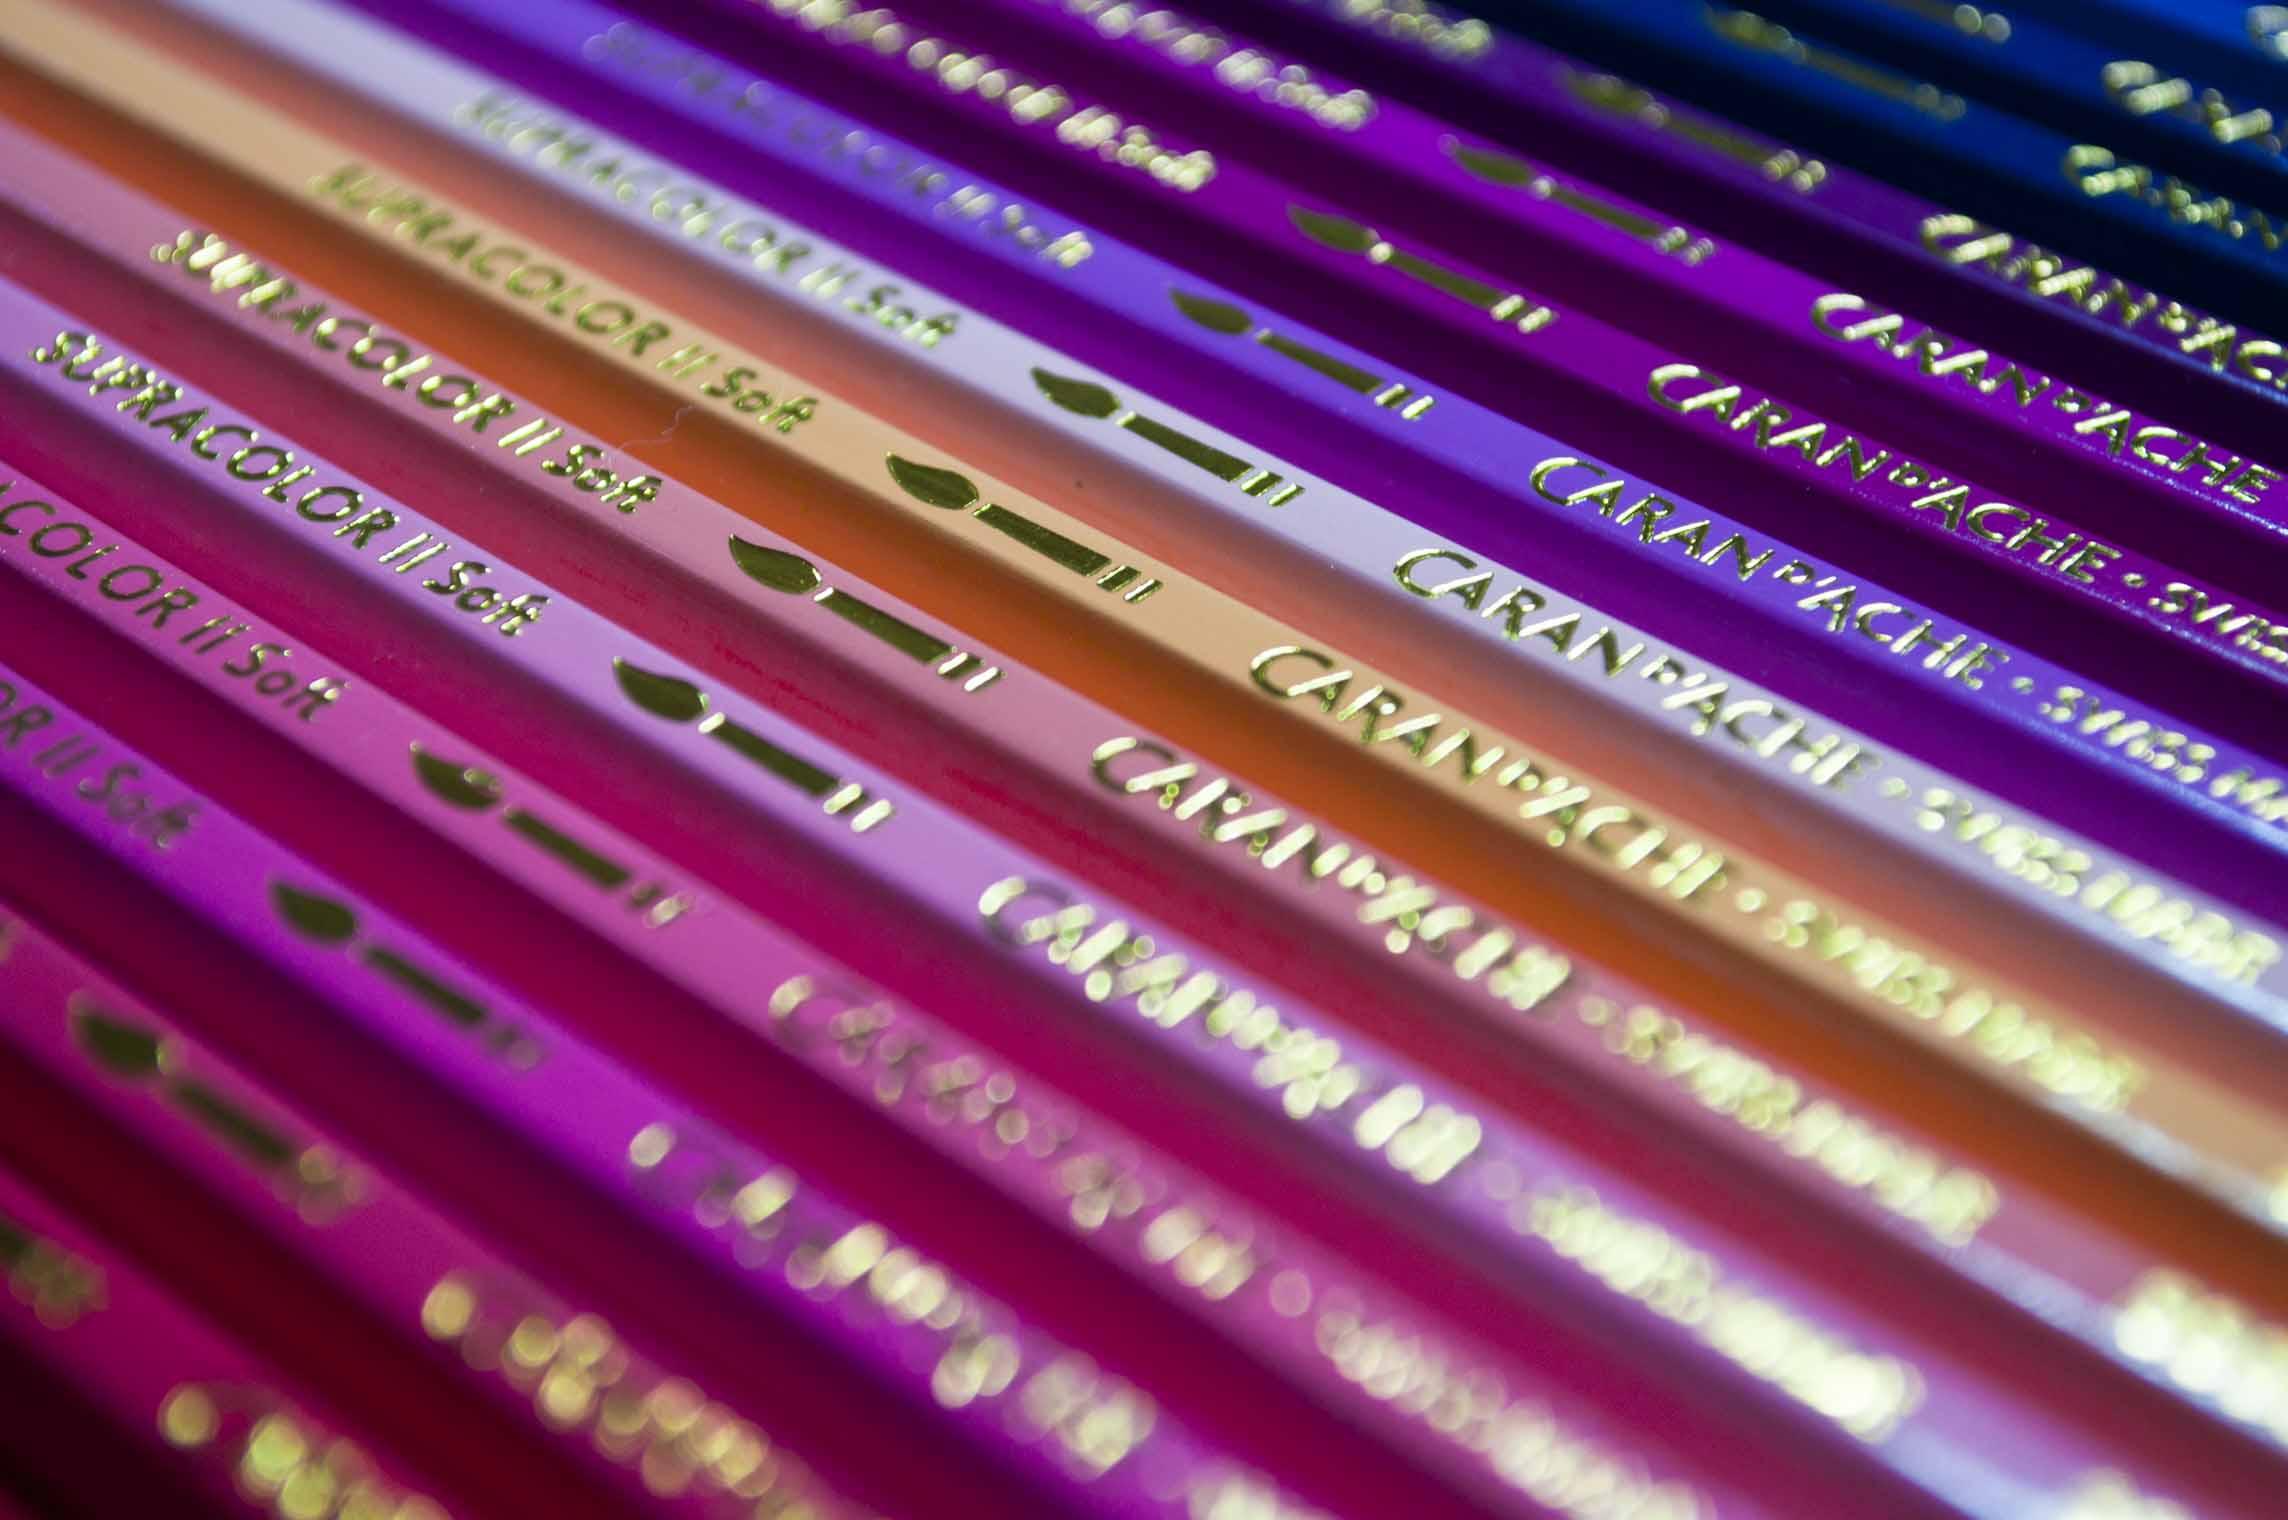 Caran d/'Ache Supracolor Soft Watersoluble Pencil Mauve